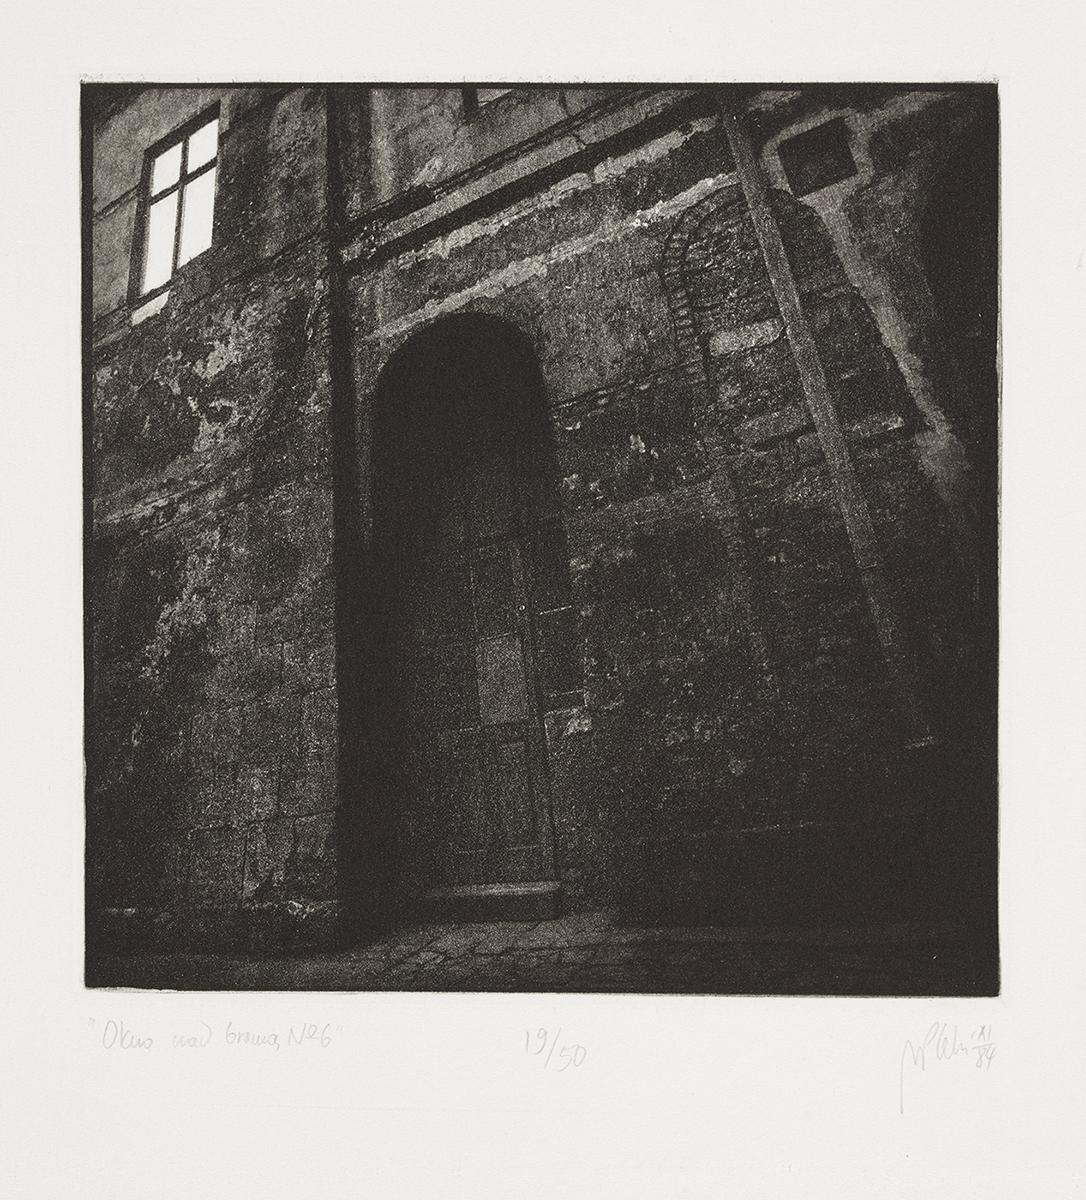 Okno nad bramą nr 6, 1984